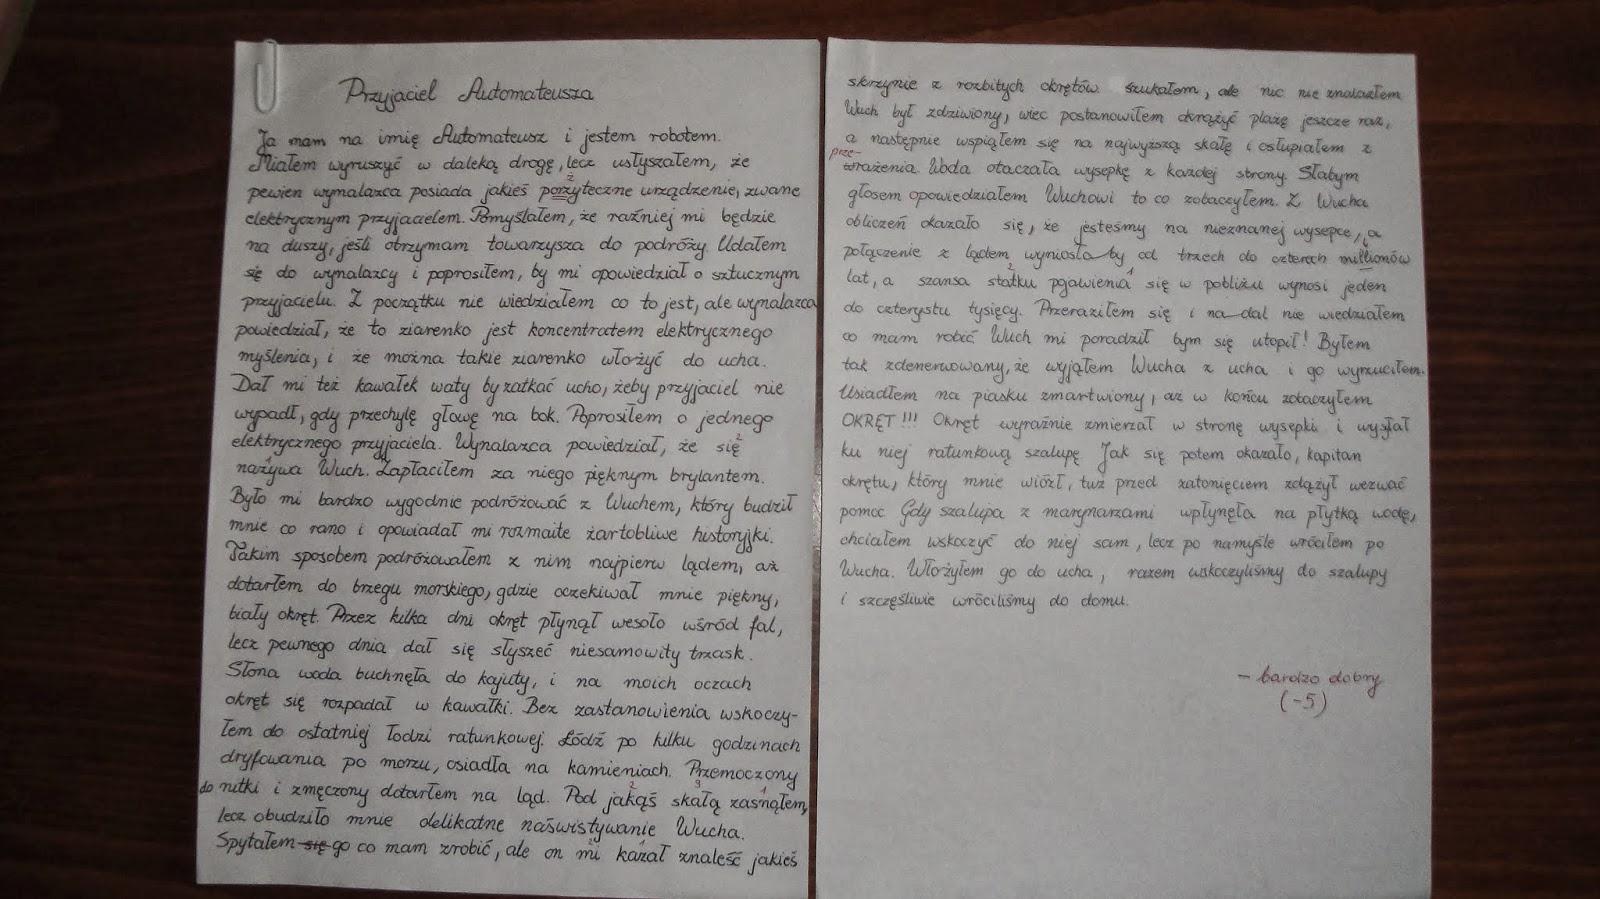 Essay characterization kill mockingbird